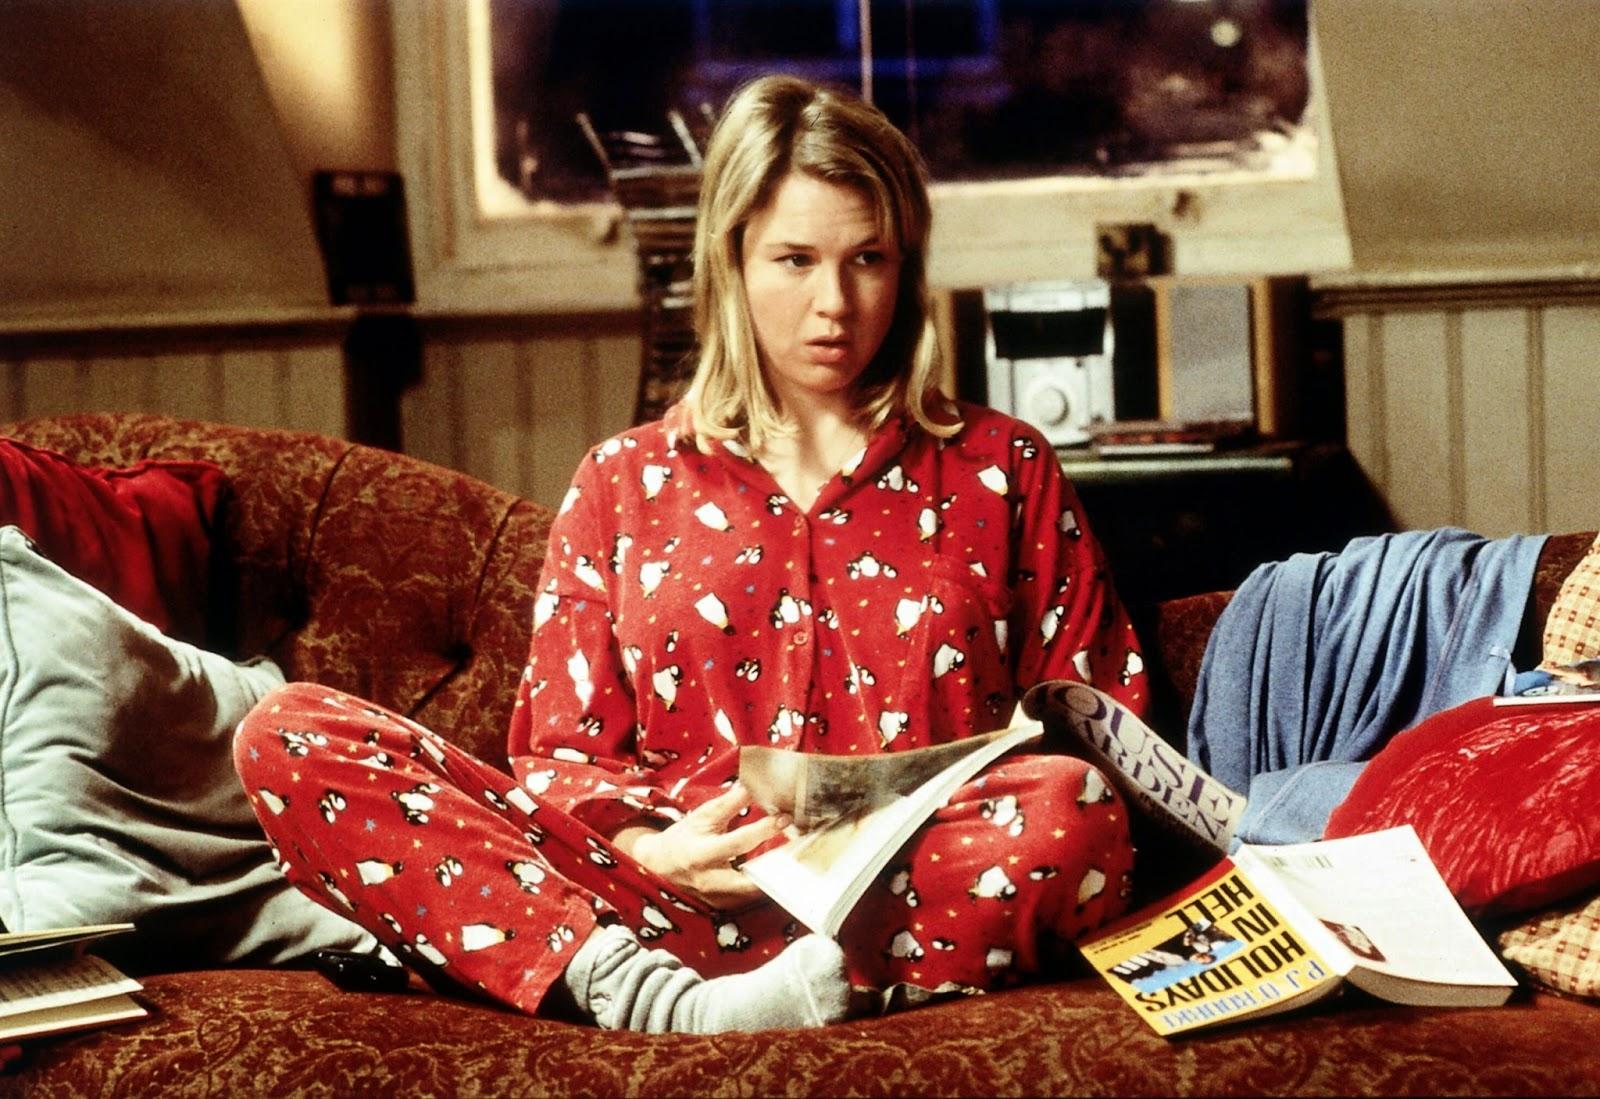 Picture of Bridget Jones Couch